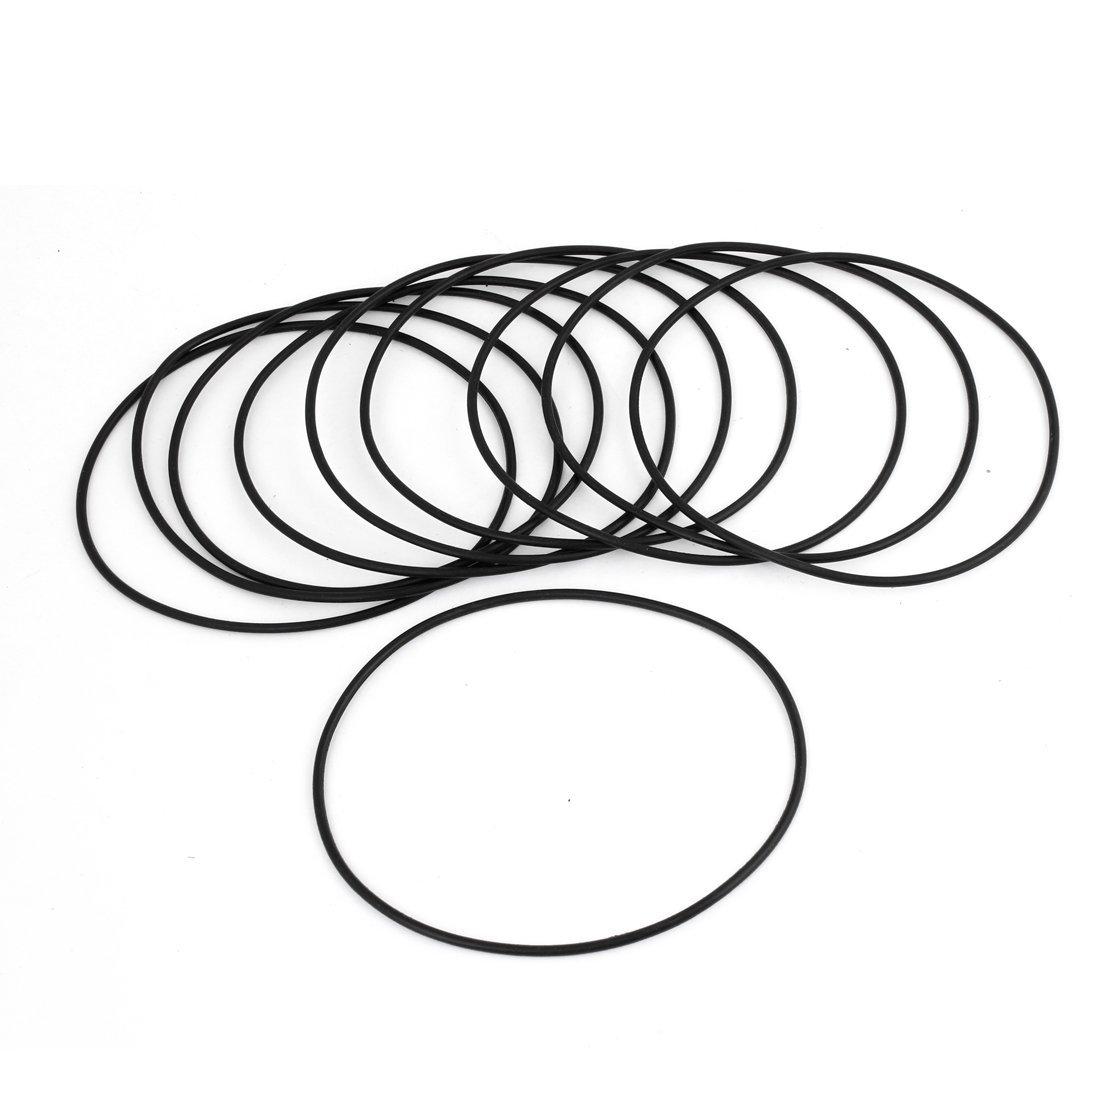 Lot de 10 é querres de 100 mm de diamè tre exté rieur 2 mm d'é paisseur et joints caoutchouc toriques Noir Amico a13090700ux0027